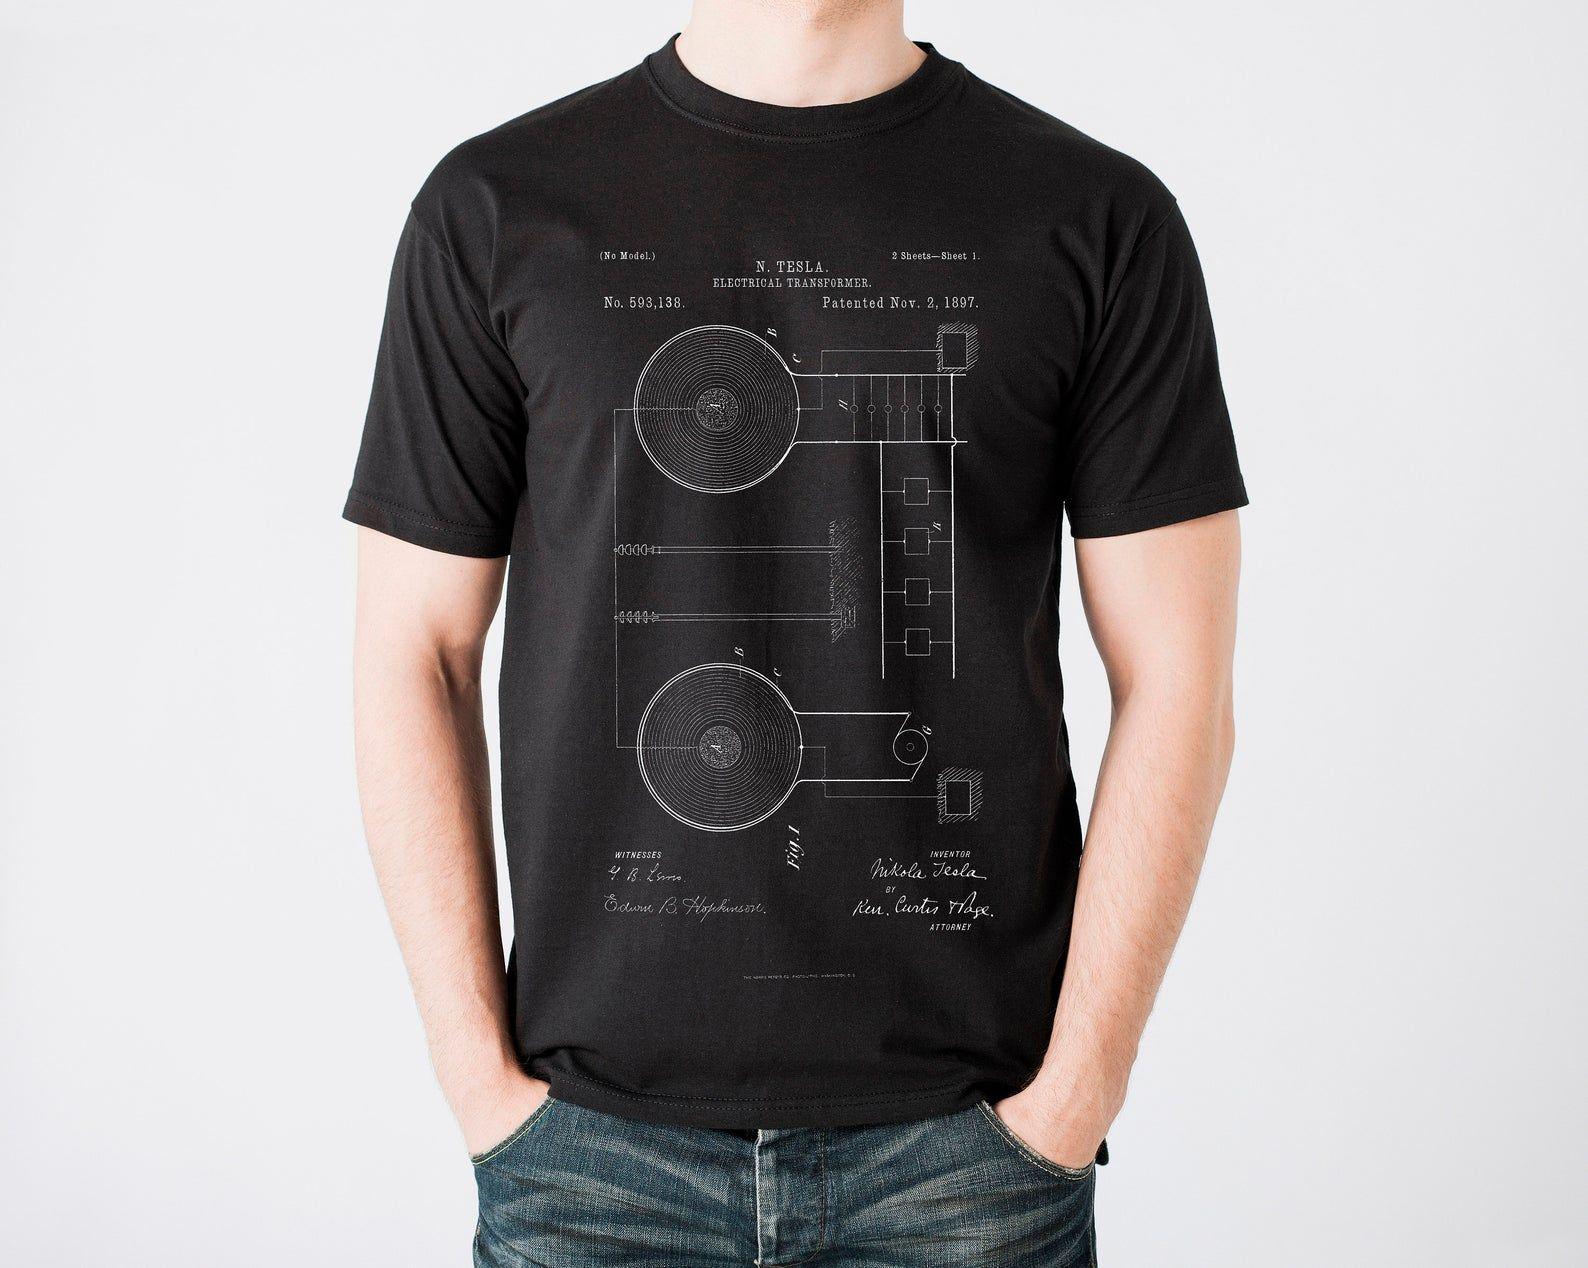 Tesla Patent TShirt, Tesla Electrical Transformer Shirt